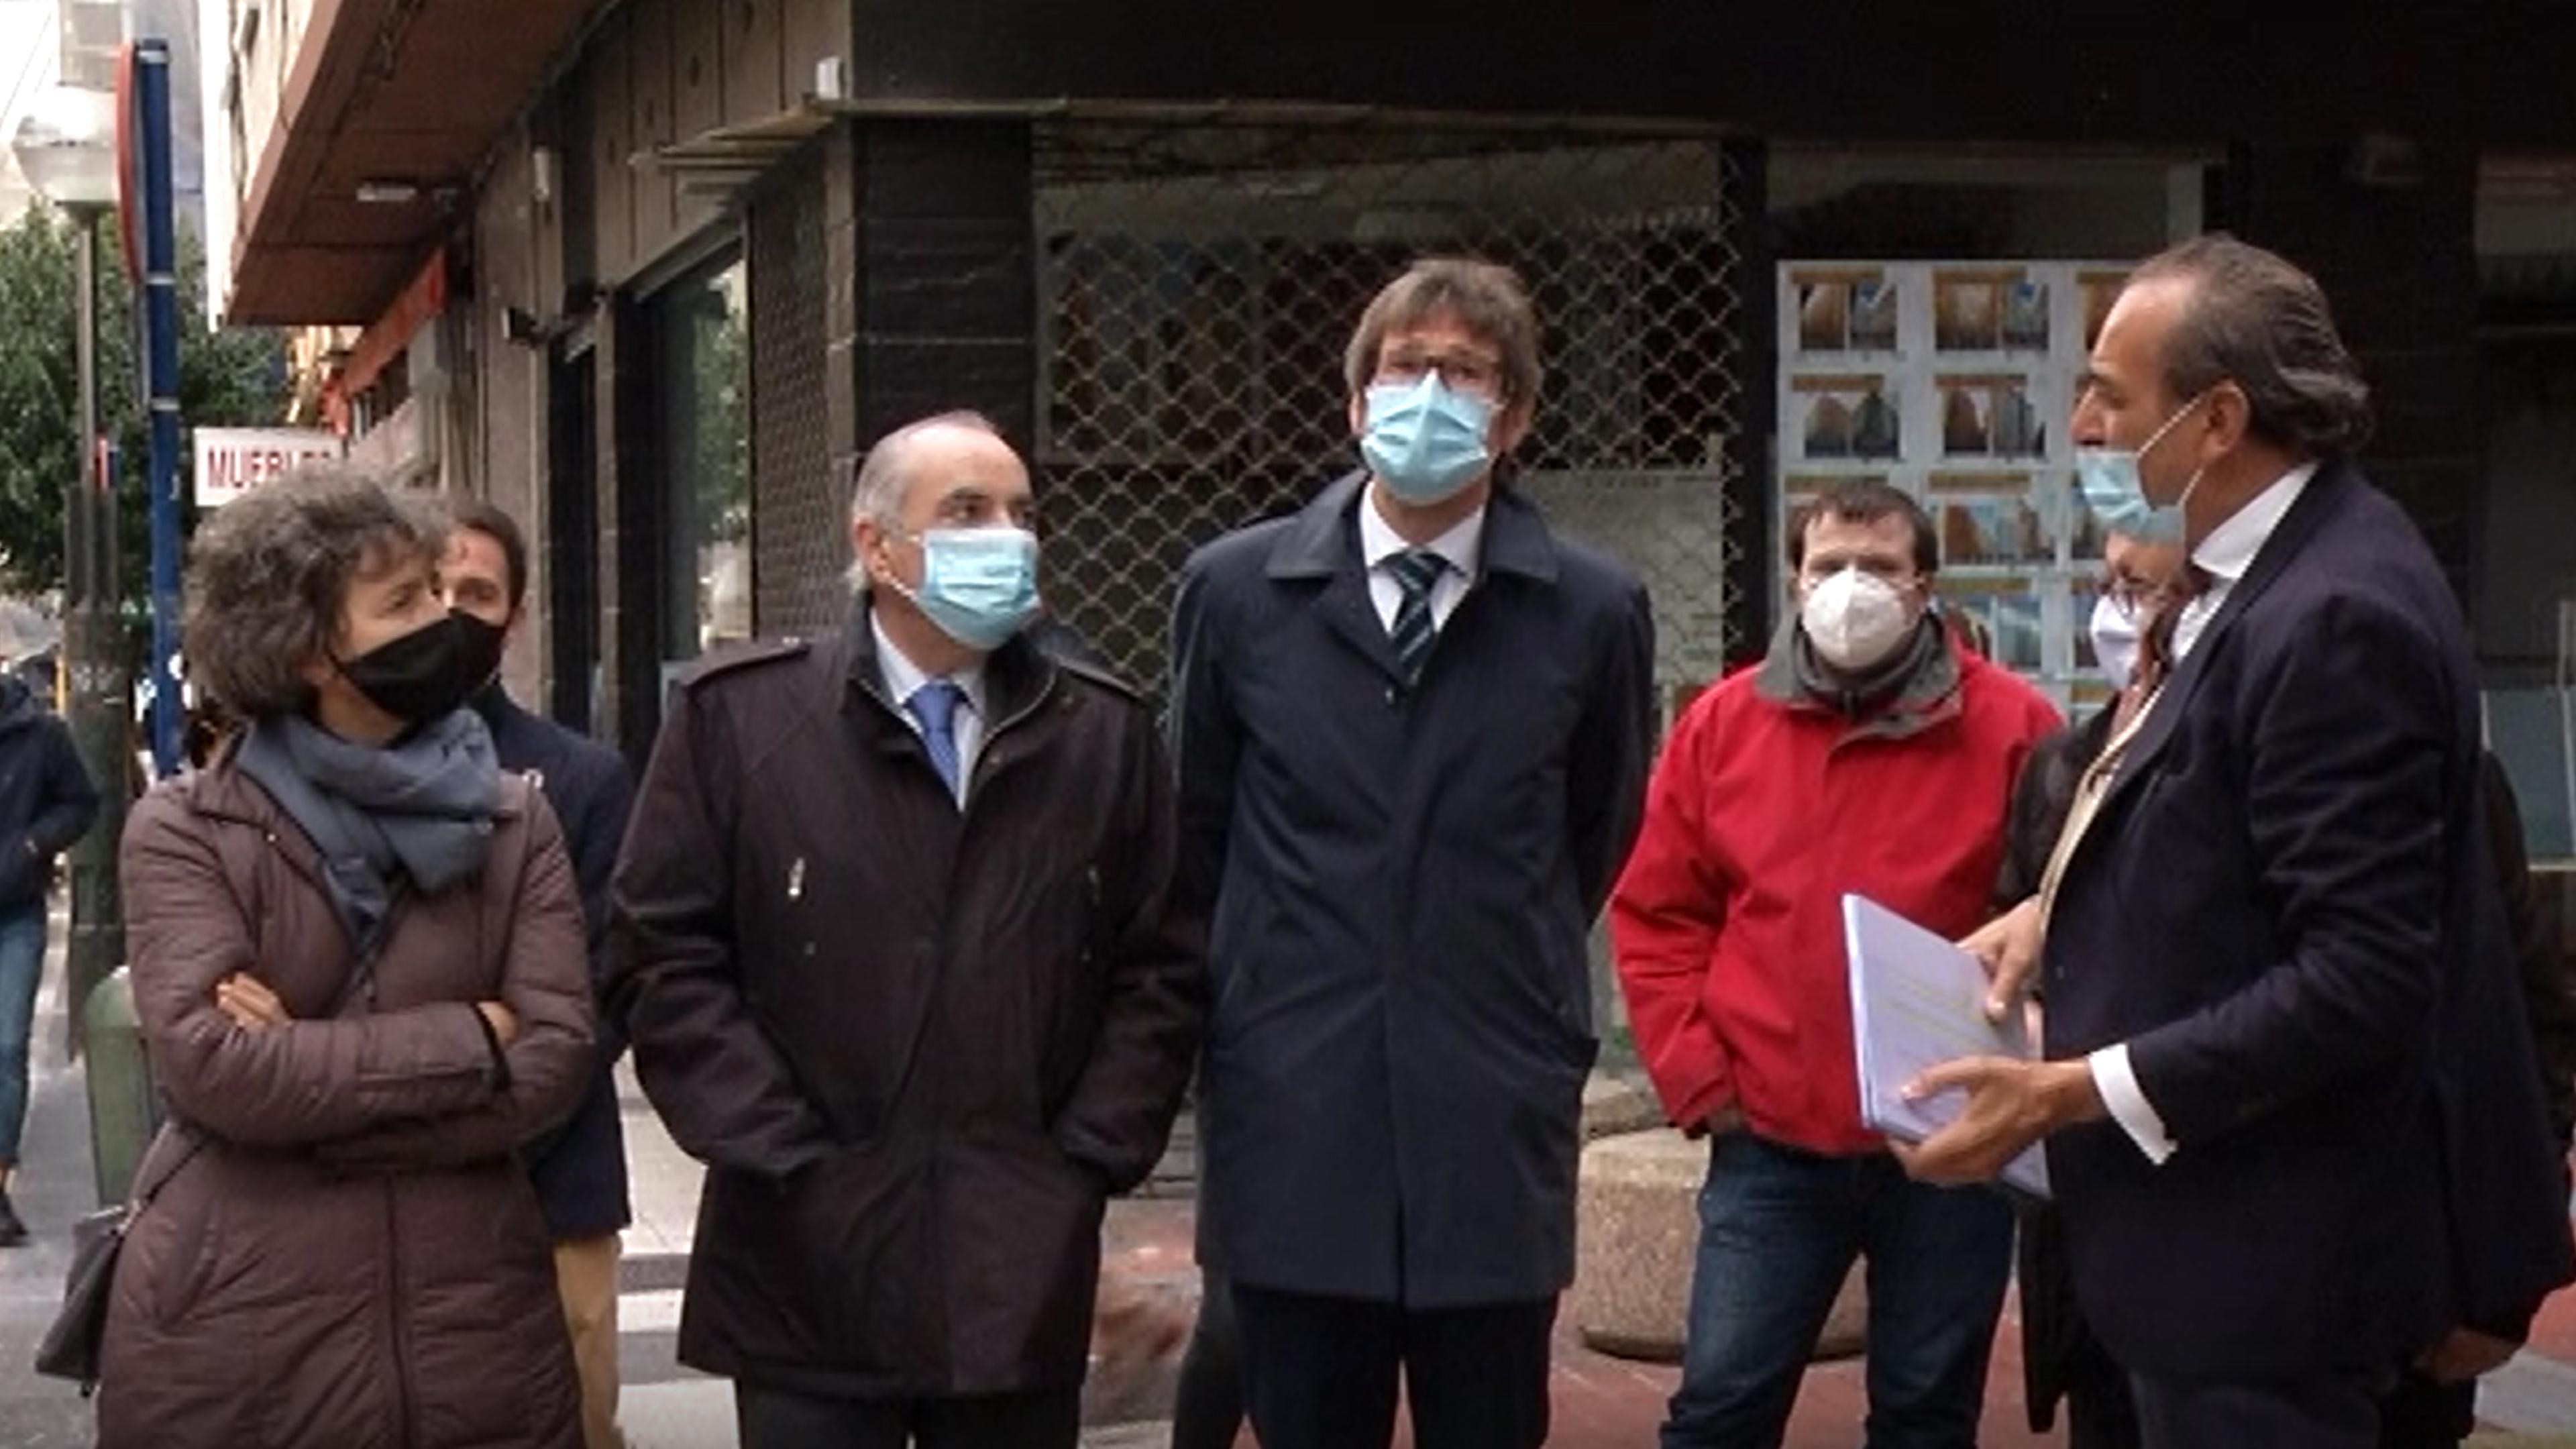 El consejero Arriola y el alcalde de Vitoria-Gasteiz visitan las obras de rehabilitación que VISESA está llevando a cabo en 302 viviendas del barrio de Coronación [0:00]